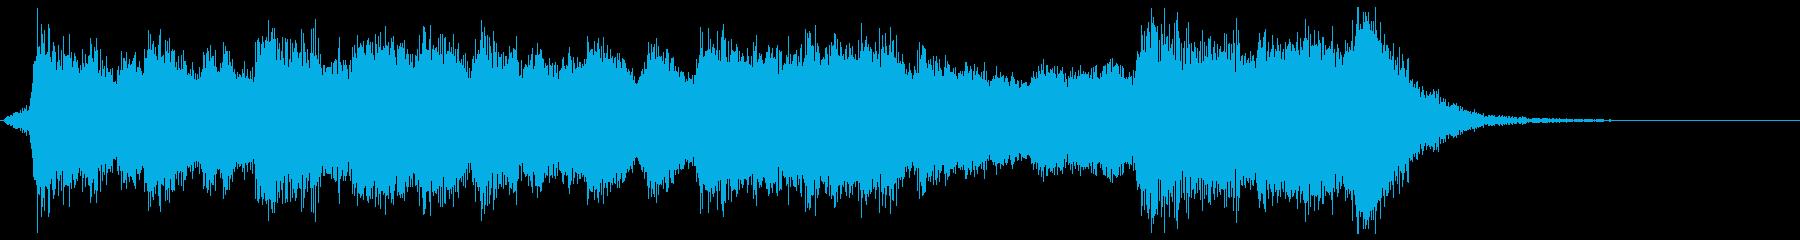 古風で華やかなフルオケジングル合唱付の再生済みの波形